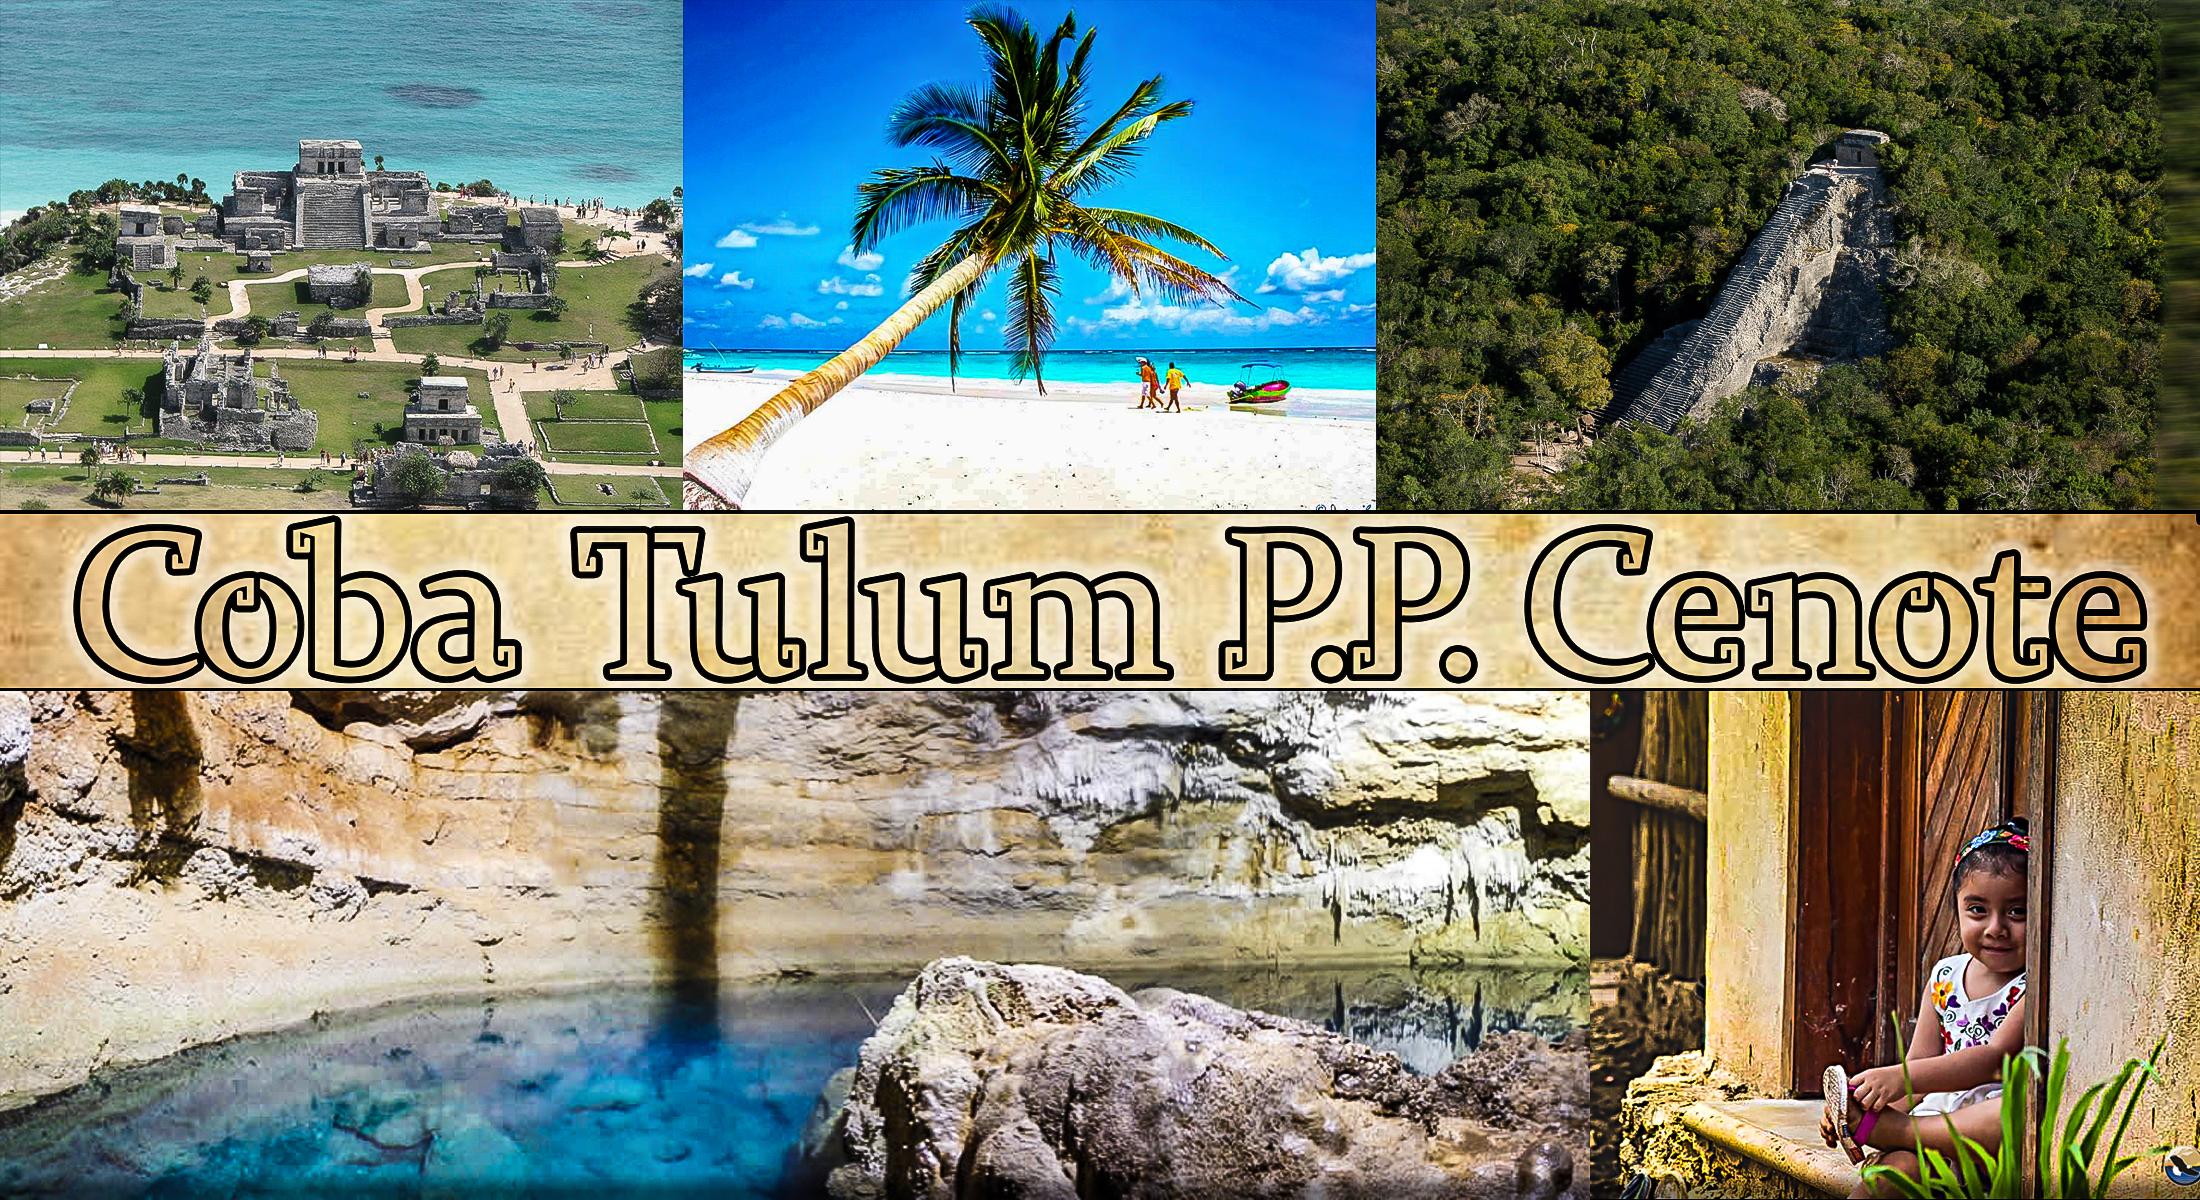 Coba Tulum pp Cenote